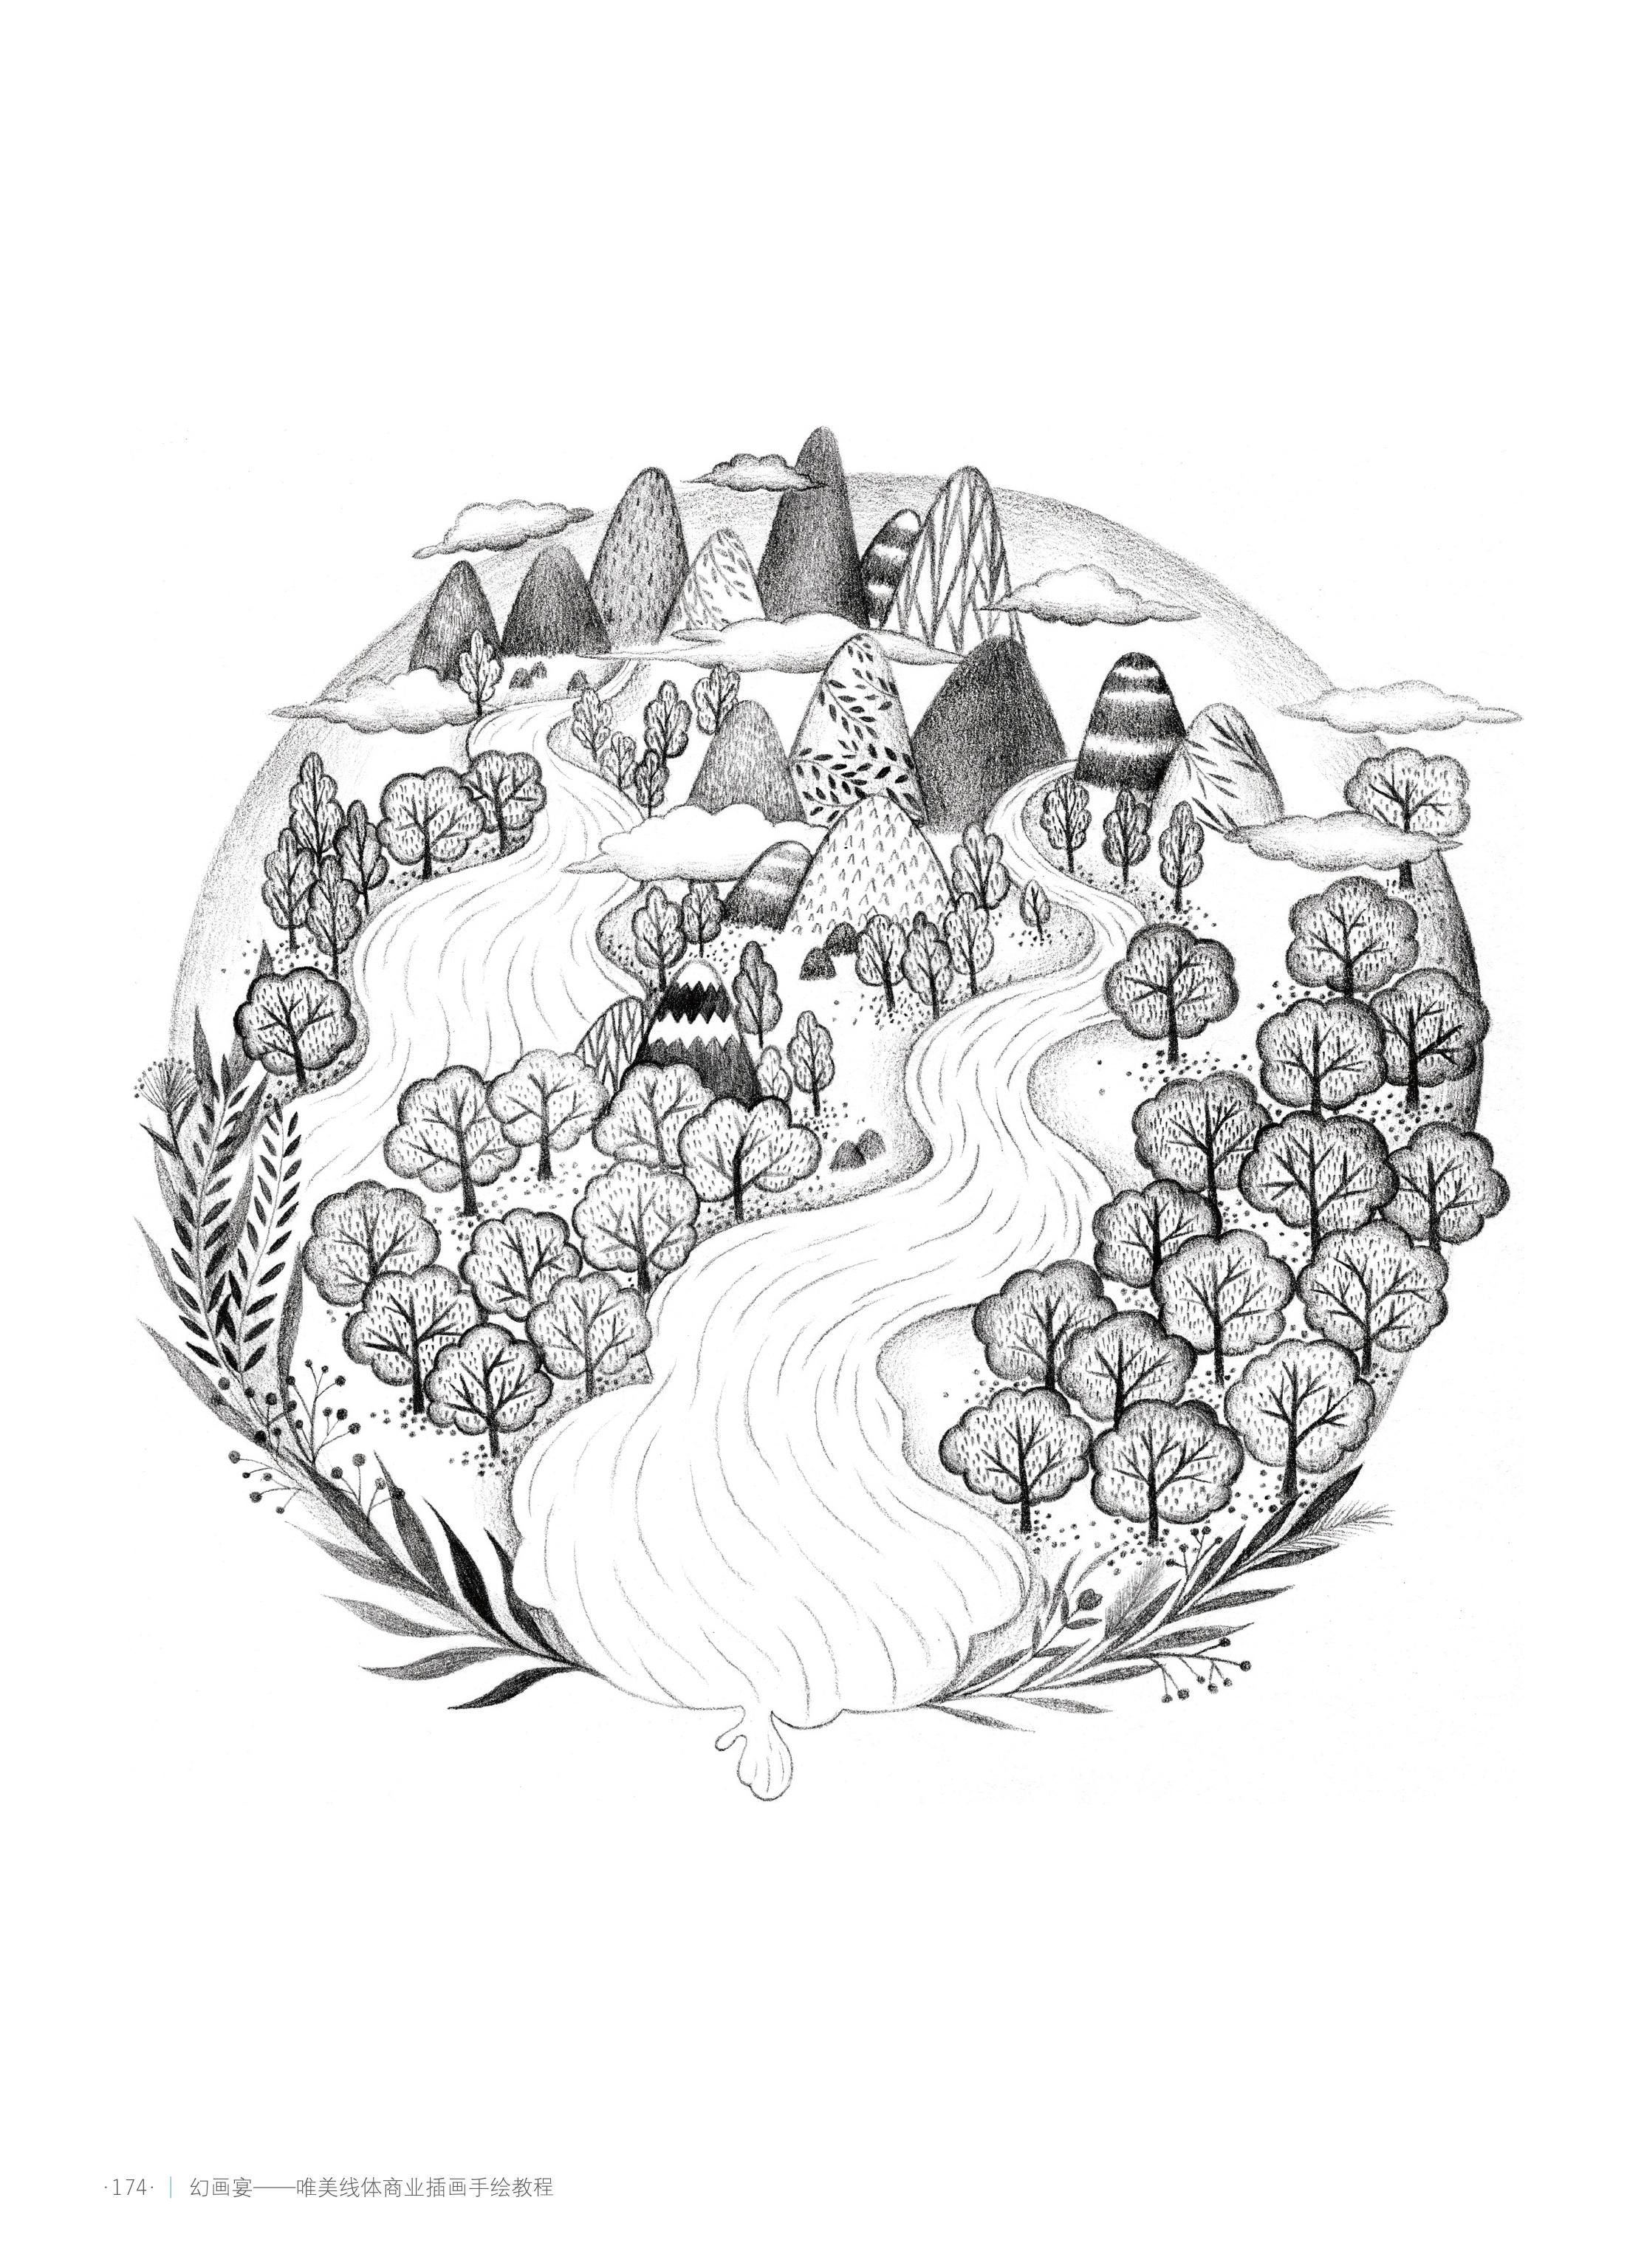 《幻画宴 唯美线体商业插画手绘教程》图书内容分享(原创文章)